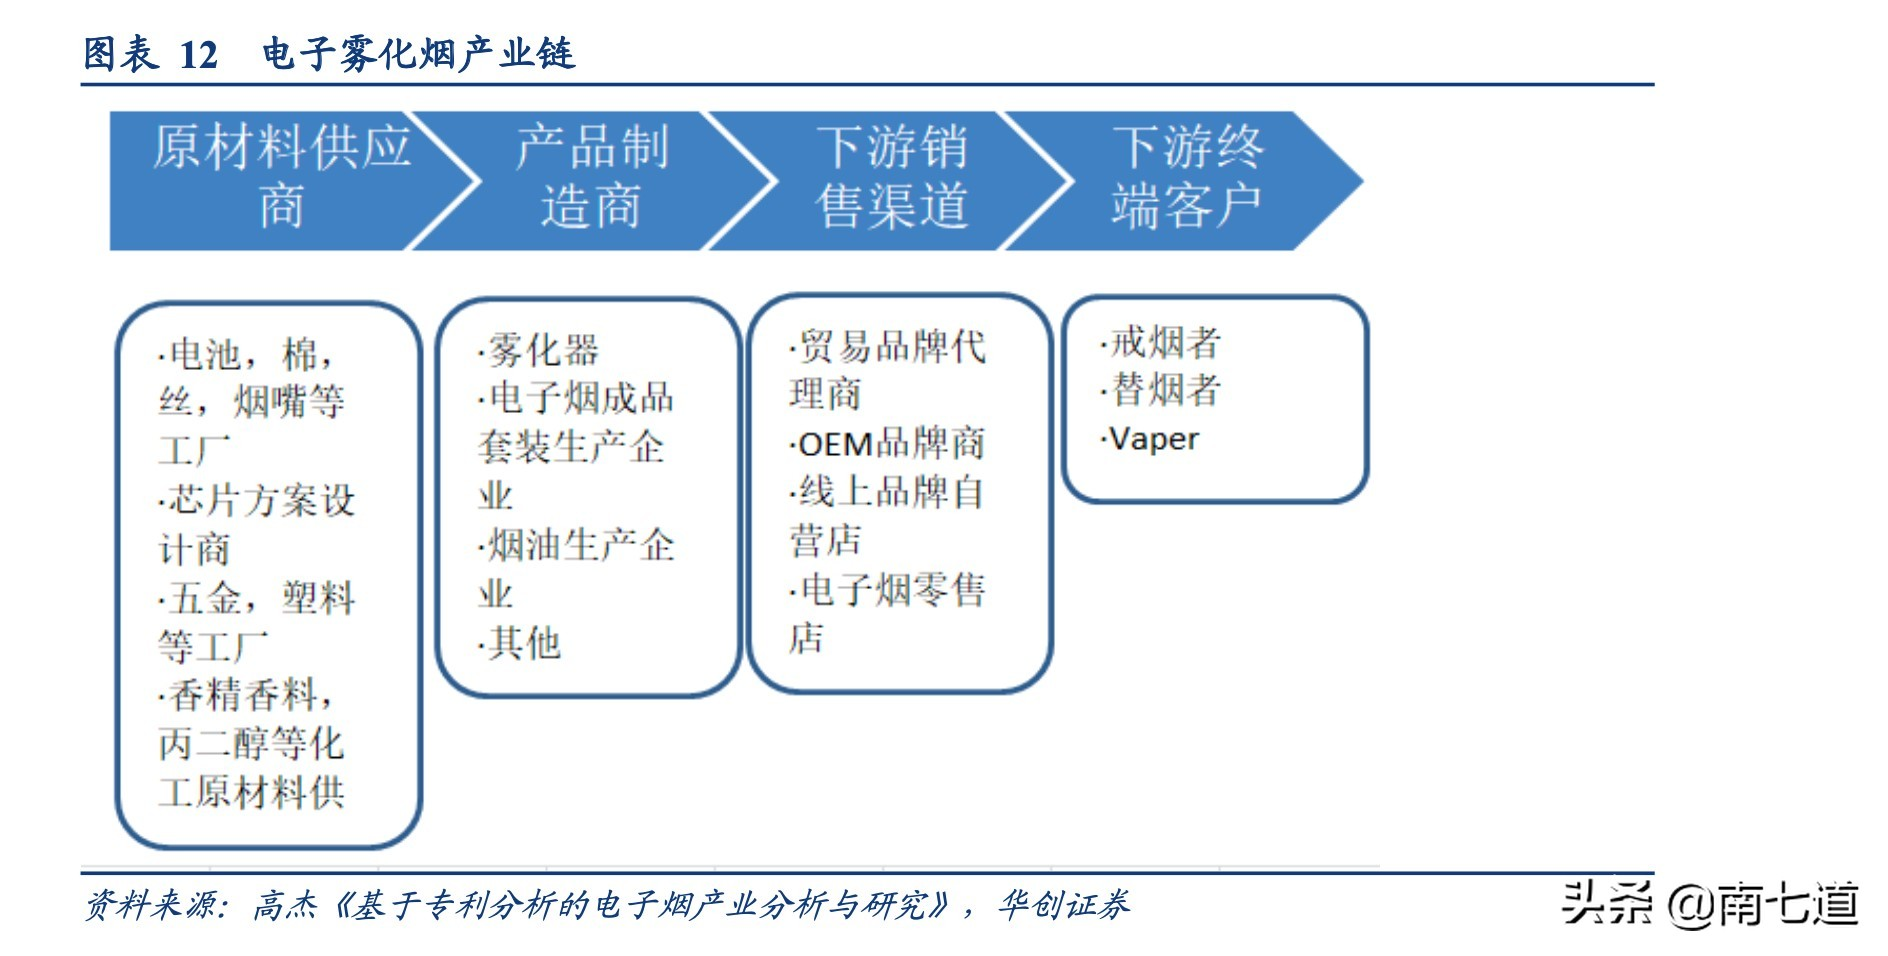 2021年从腾讯和茅台,看<a href='/pro/' target='_blank' title='电子烟' ><strong>电子烟</strong></a>产业的投资机会  <a href='/pro/' target='_blank' title='电子烟' ><strong>电子烟</strong></a> <a href='/pro/' target='_blank' title='电子烟' ><strong>电子烟</strong></a>资讯 <a href='/pro/' target='_blank' title='电子烟' ><strong>电子烟</strong></a>开店 <a href='/pro/' target='_blank' title='电子烟' ><strong>电子烟</strong></a>2021加盟政策 铂德 <a href='/pro/' target='_blank' title='电子烟' ><strong>电子烟</strong></a>评测 <a href='/pro/' target='_blank' title='电子烟' ><strong>电子烟</strong></a>是什么? <a href='/pro/' target='_blank' title='电子烟' ><strong>电子烟</strong></a>行业报告 柚子 魔笛 <a href='/pro/' target='_blank' title='电子烟' ><strong>电子烟</strong></a>资讯悦刻 <a href='/pro/' target='_blank' title='电子烟' ><strong>电子烟</strong></a>的危害 <a href='/pro/' target='_blank' title='电子烟' ><strong>电子烟</strong></a>结构 IQOS <a href='/pro/' target='_blank' title='电子烟' ><strong>电子烟</strong></a>有害吗 2021 烟圈 买电子烟 山东济南电子烟店 第3张